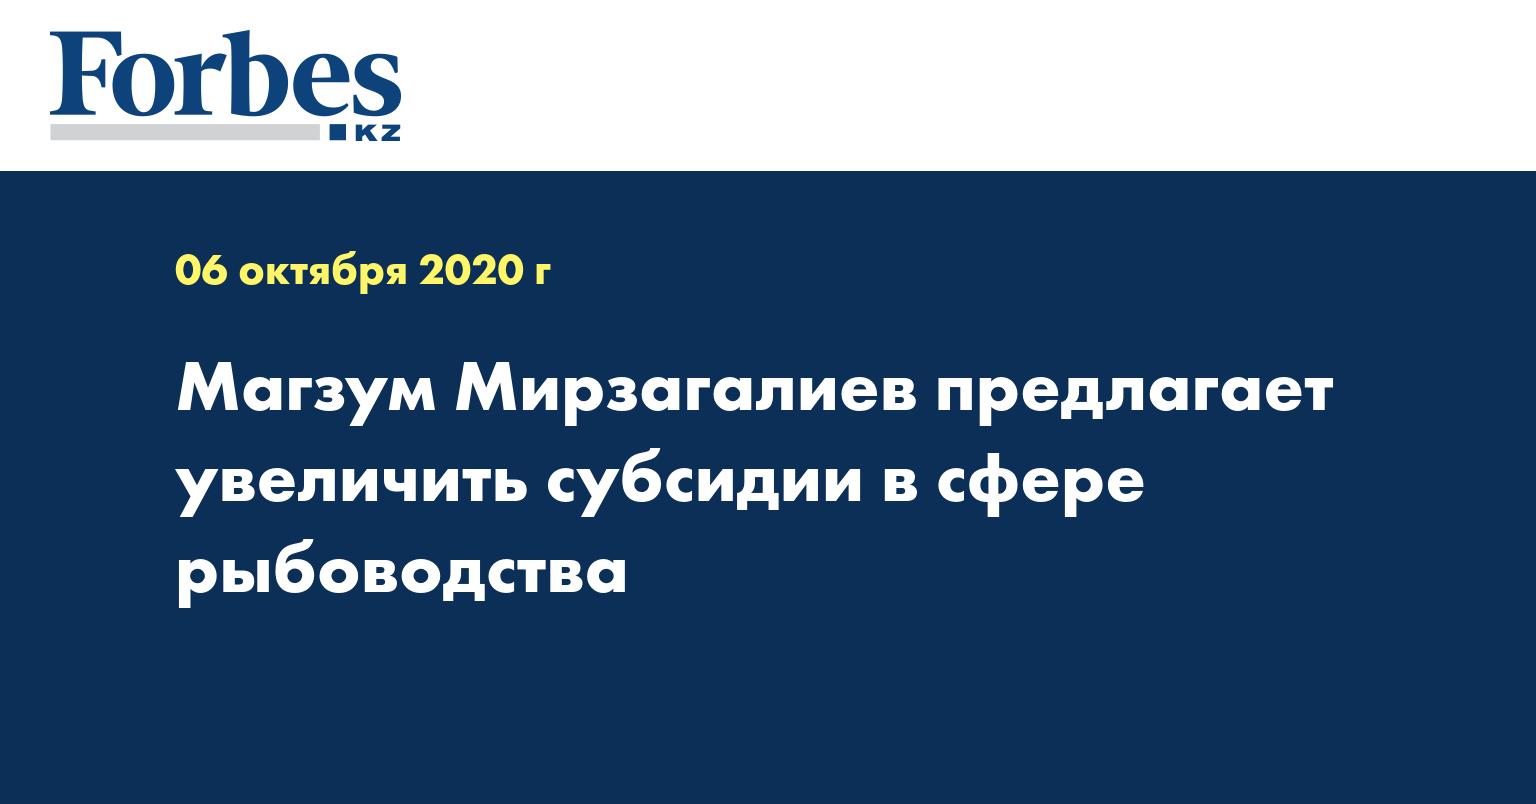 Магзум Мирзагалиев предлагает увеличить субсидии в сфере рыбоводства